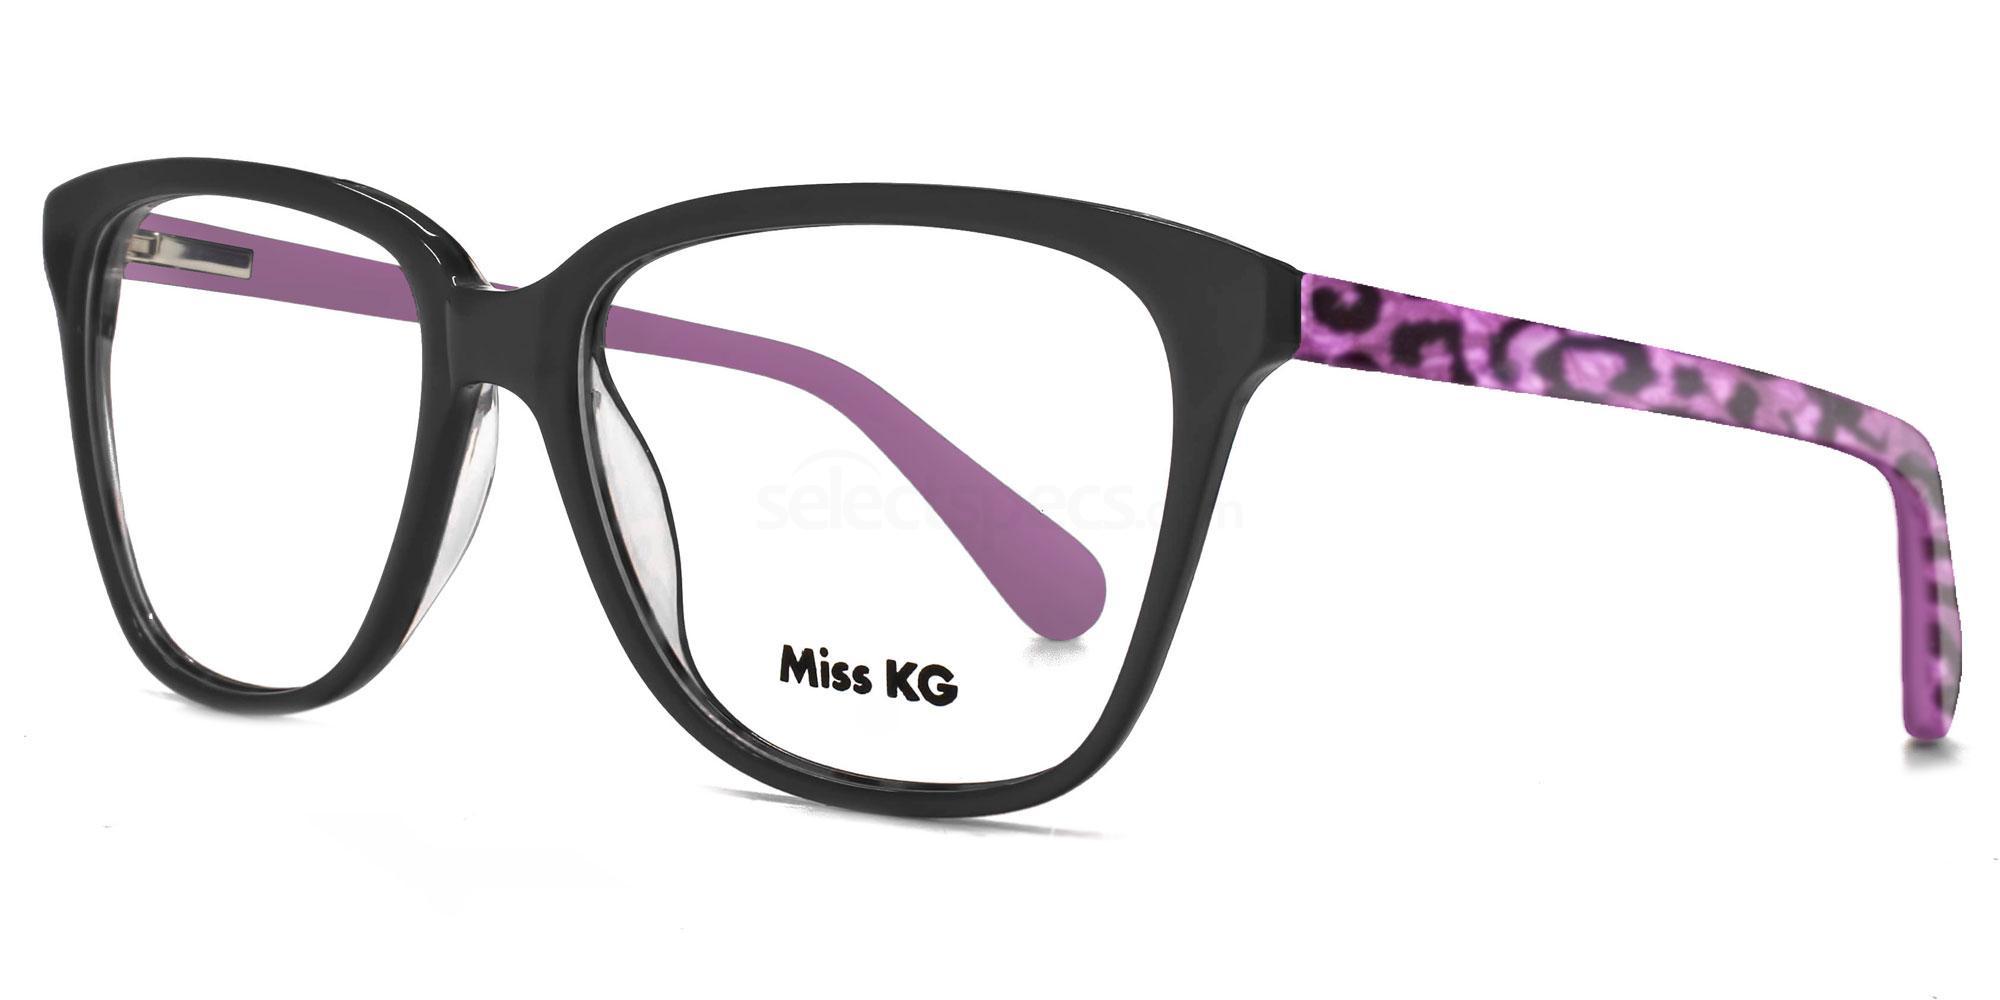 BLK MKGS003 Glasses, Miss KG